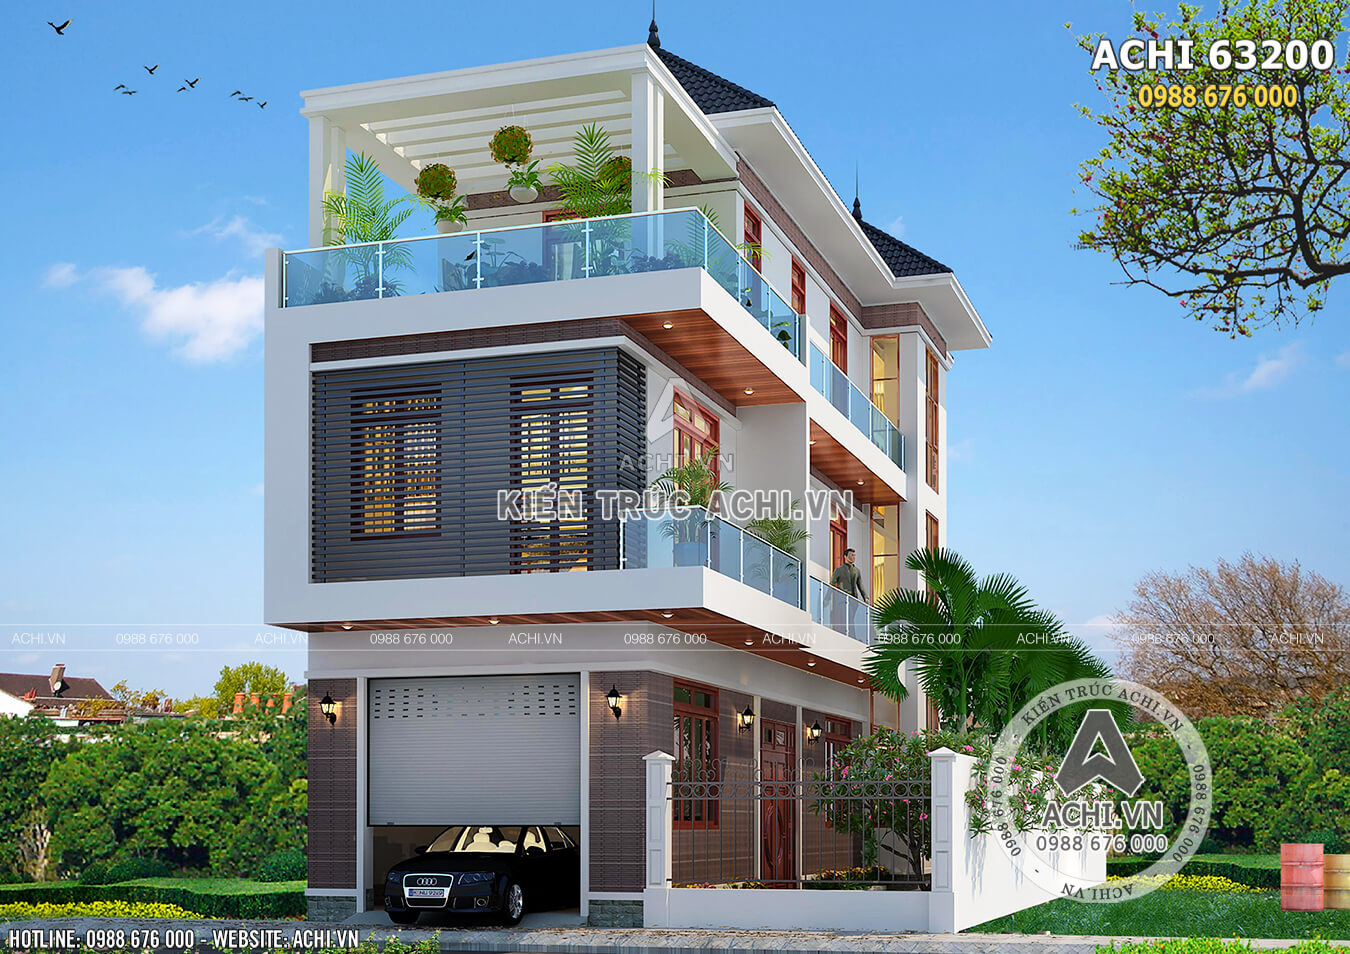 Hình ảnh: Mặt tiền mẫu thiết kế nhà 3 tầng hiện đại– ACHI 63200